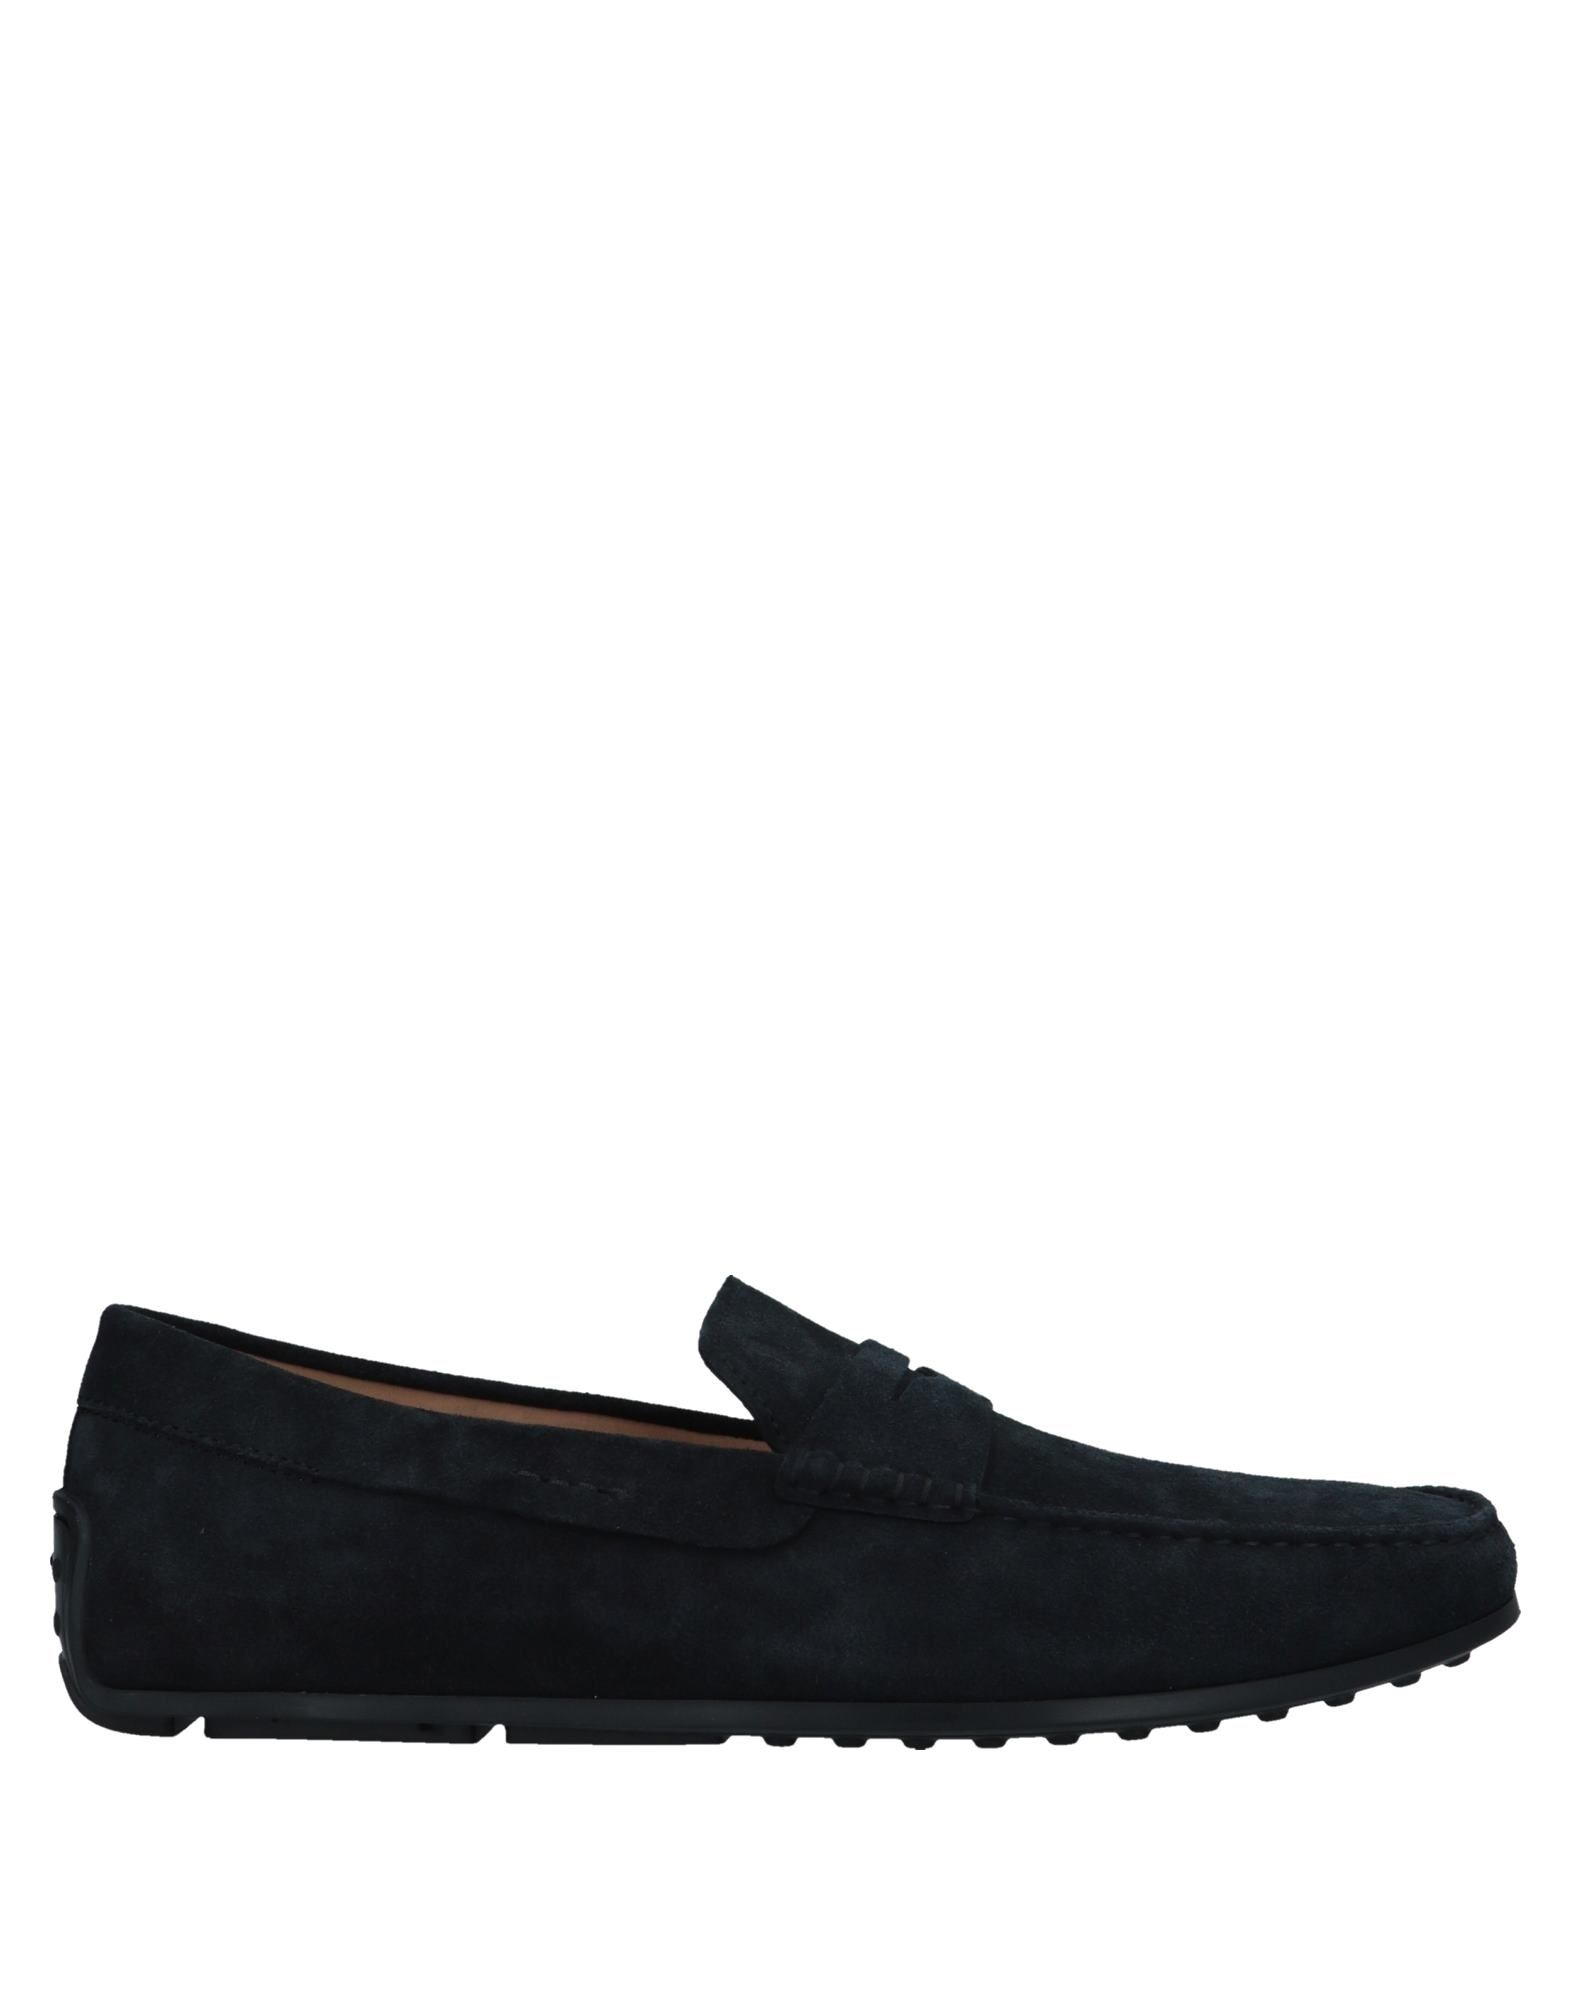 Tod's Mokassins Herren  11541232CL Gute Qualität beliebte Schuhe